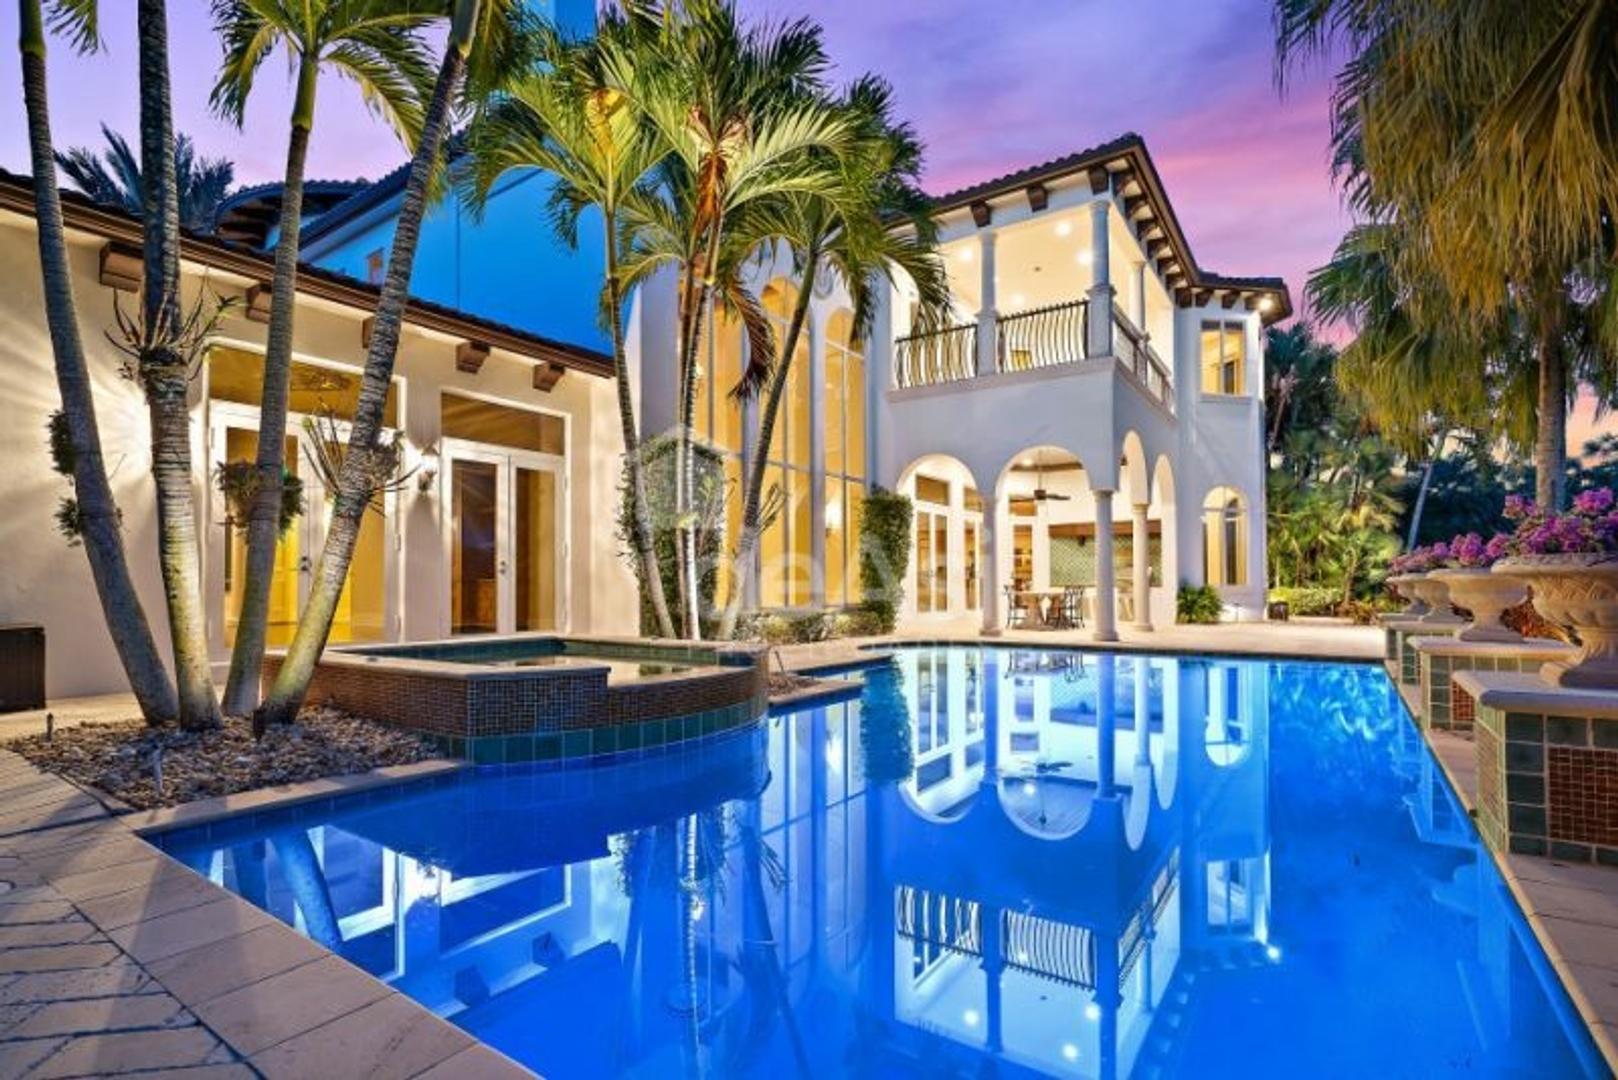 Casa en Venta en Miami - 6 ambientes